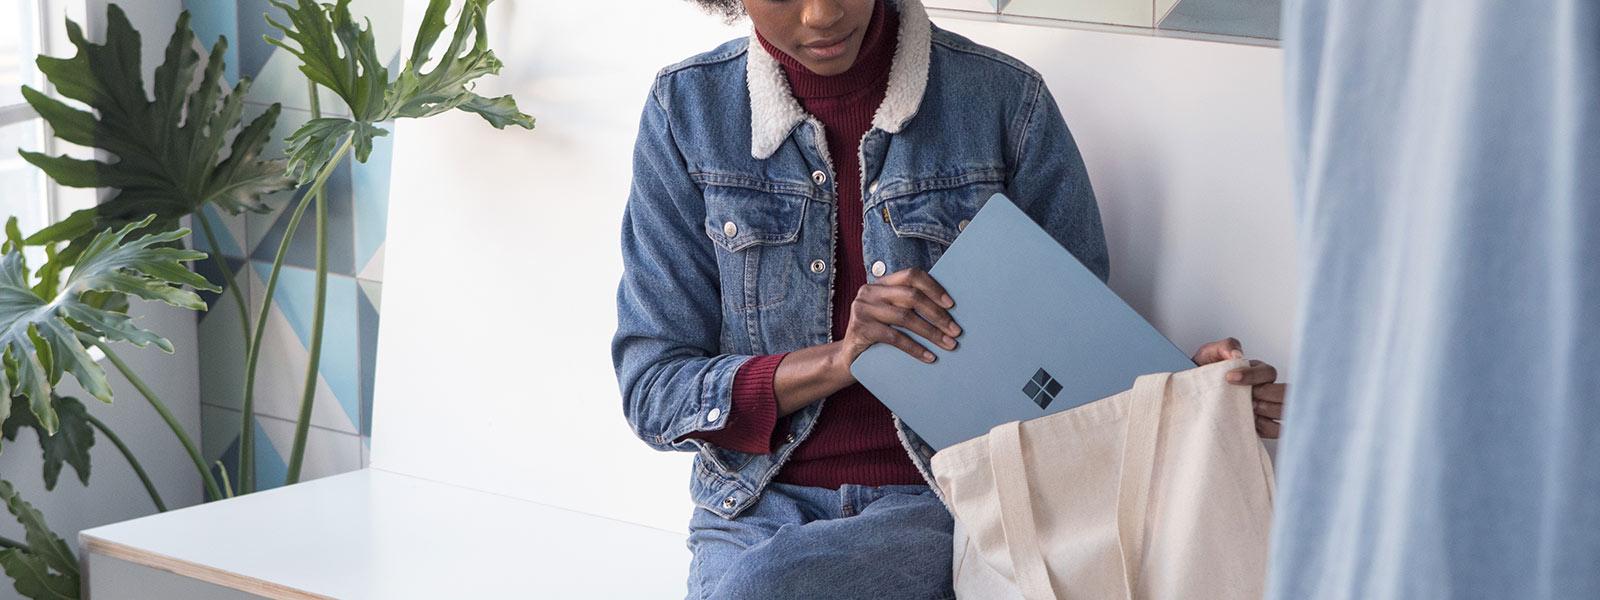 Vrouw die een Surface Laptop in haar tas stopt.